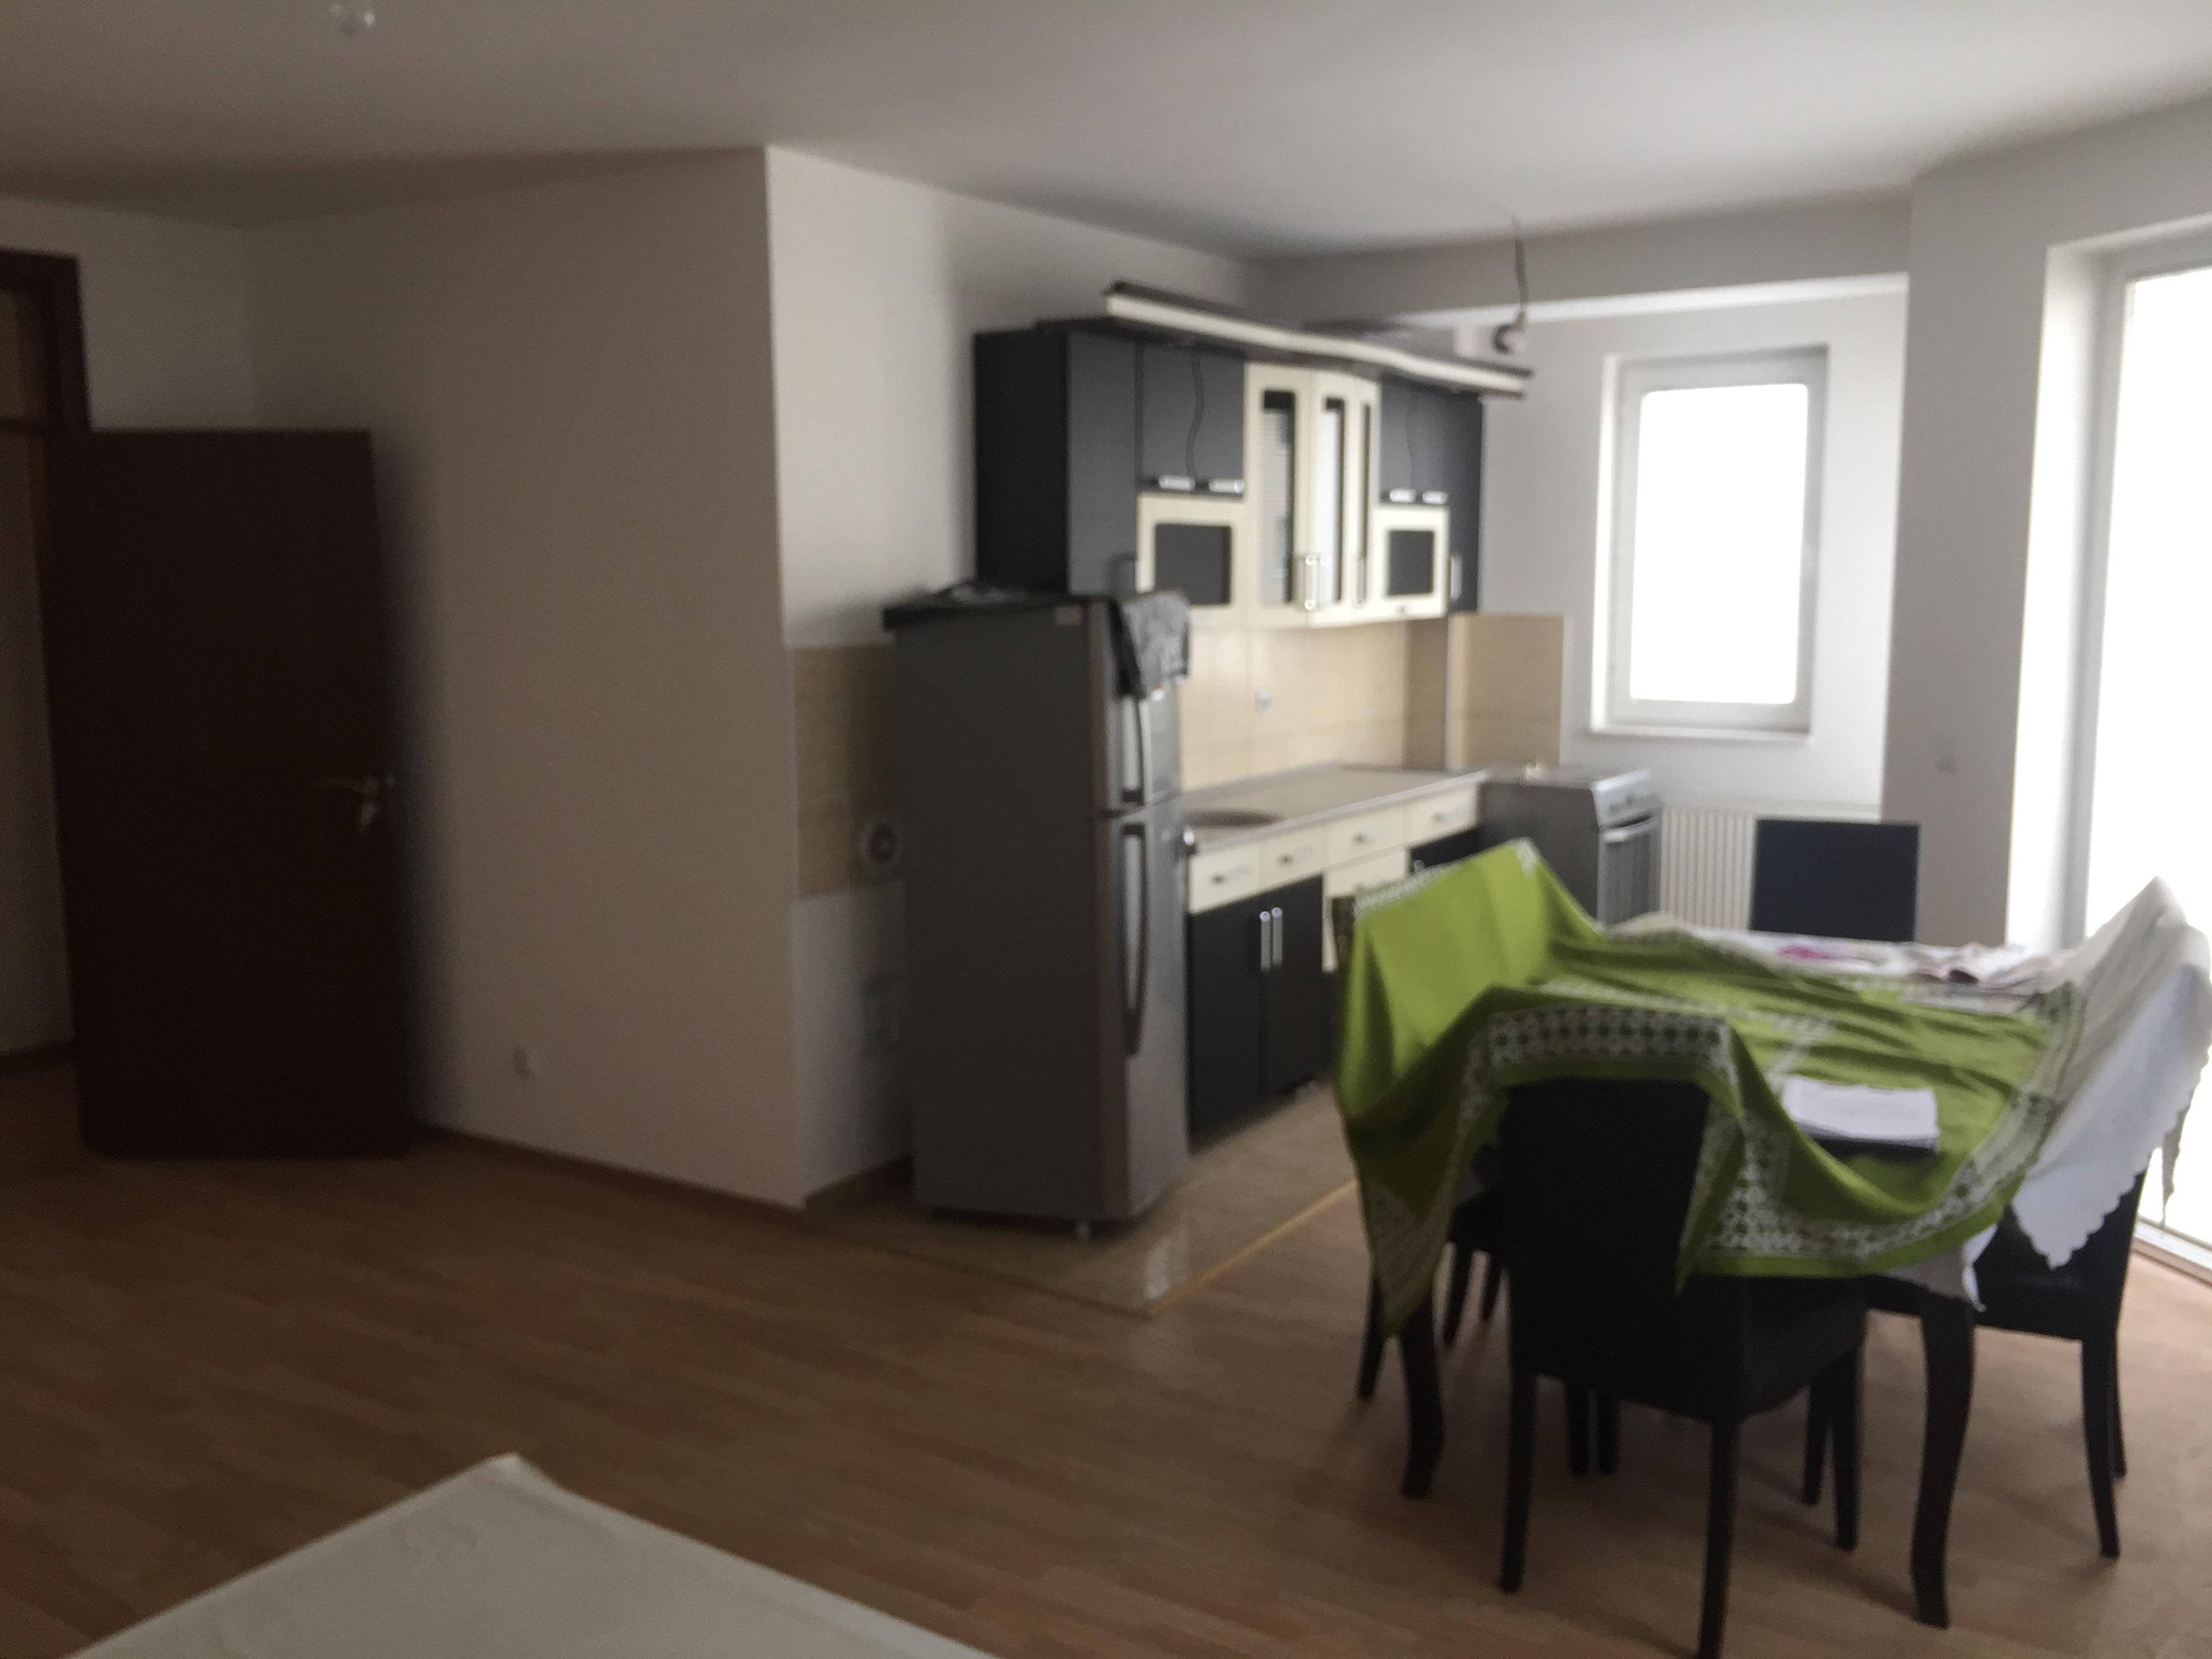 Shitet banesa 3 dhomëshe në Fushë Kosovë,, me sipërfaqe 85m2 kati 4-tër (ka ashensor)